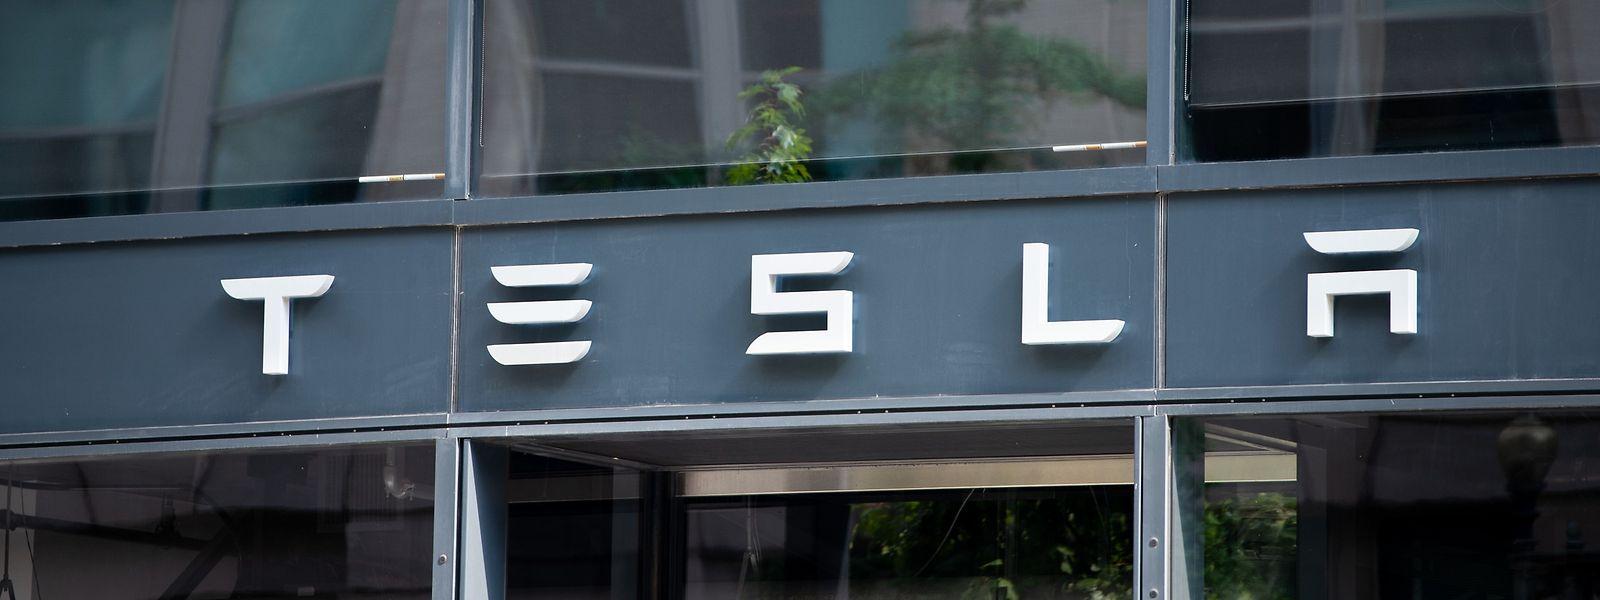 Auch bei Auslieferung und Produktion erreichte Tesla Bestwerte.